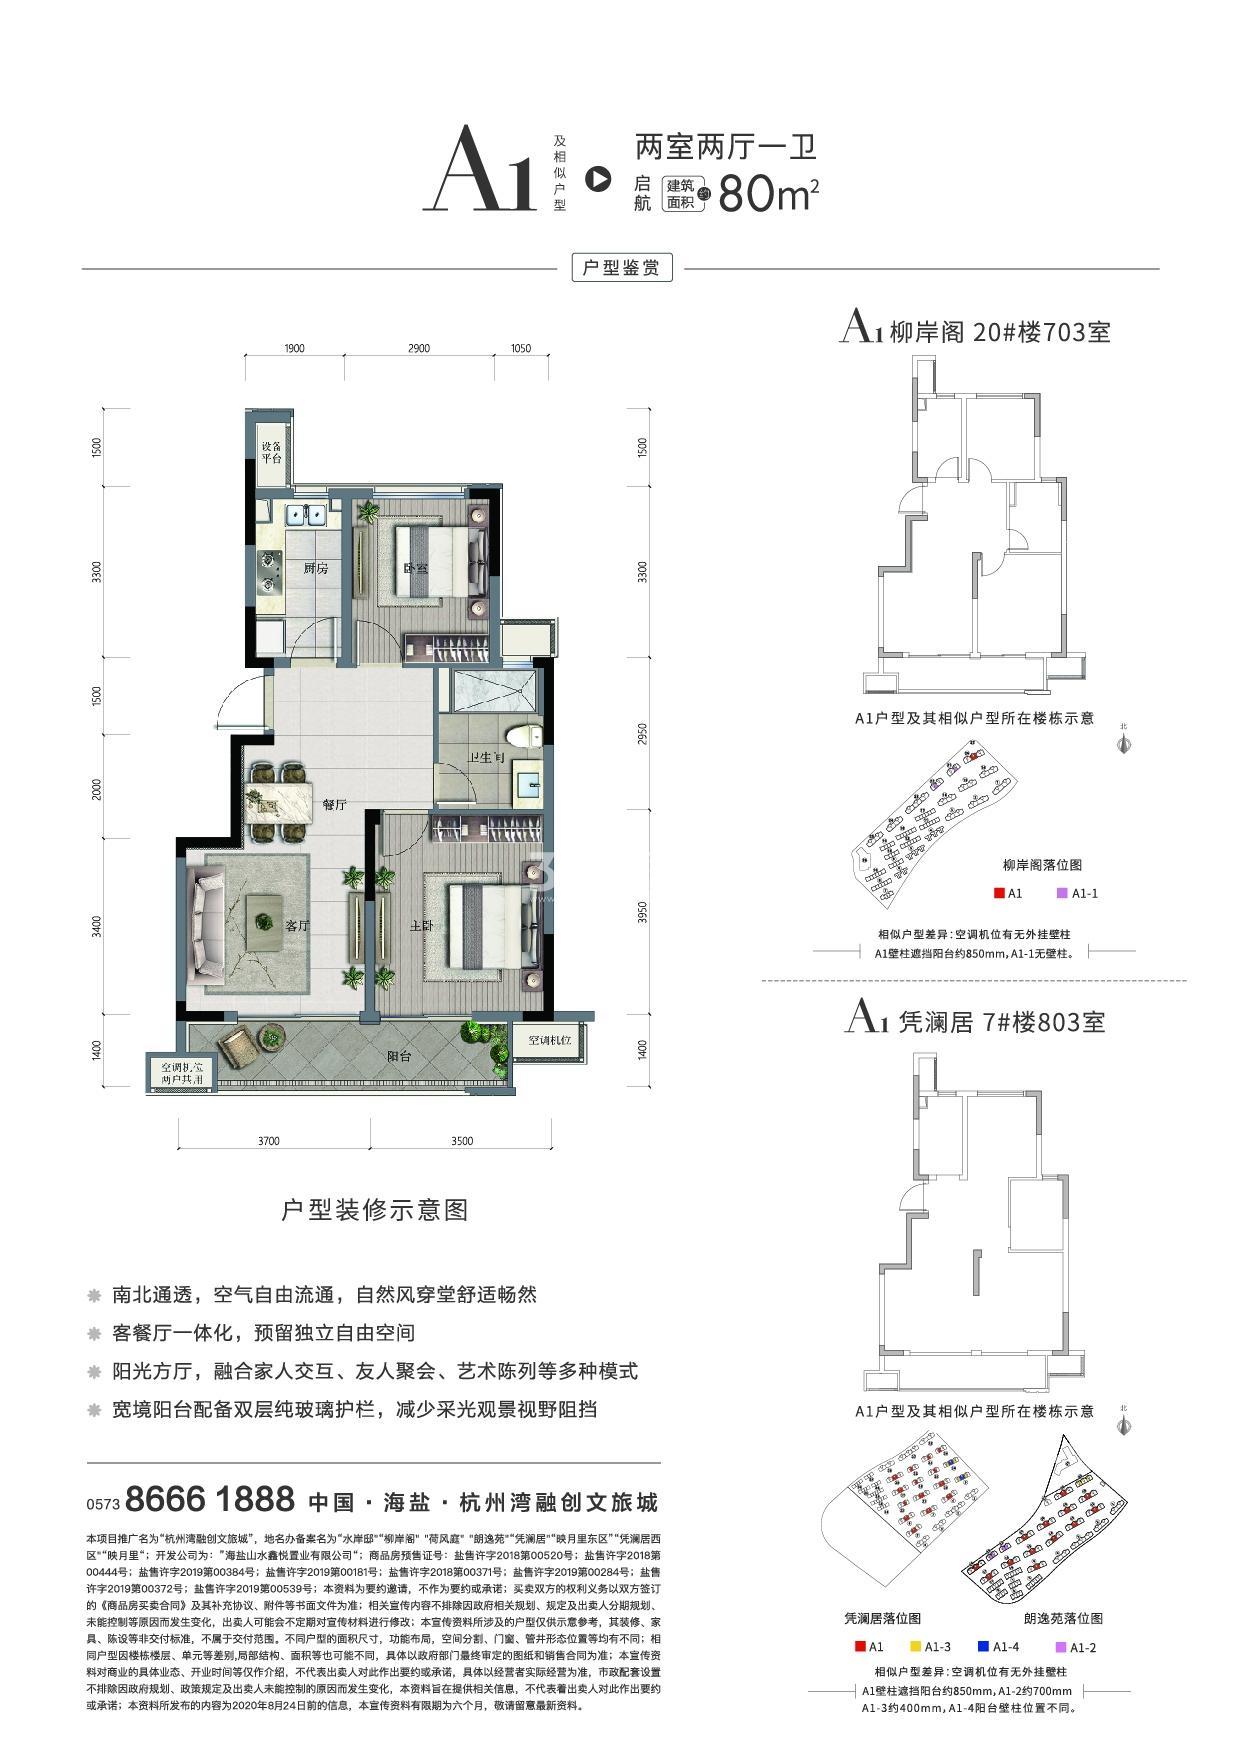 杭州湾融创文旅城户型图